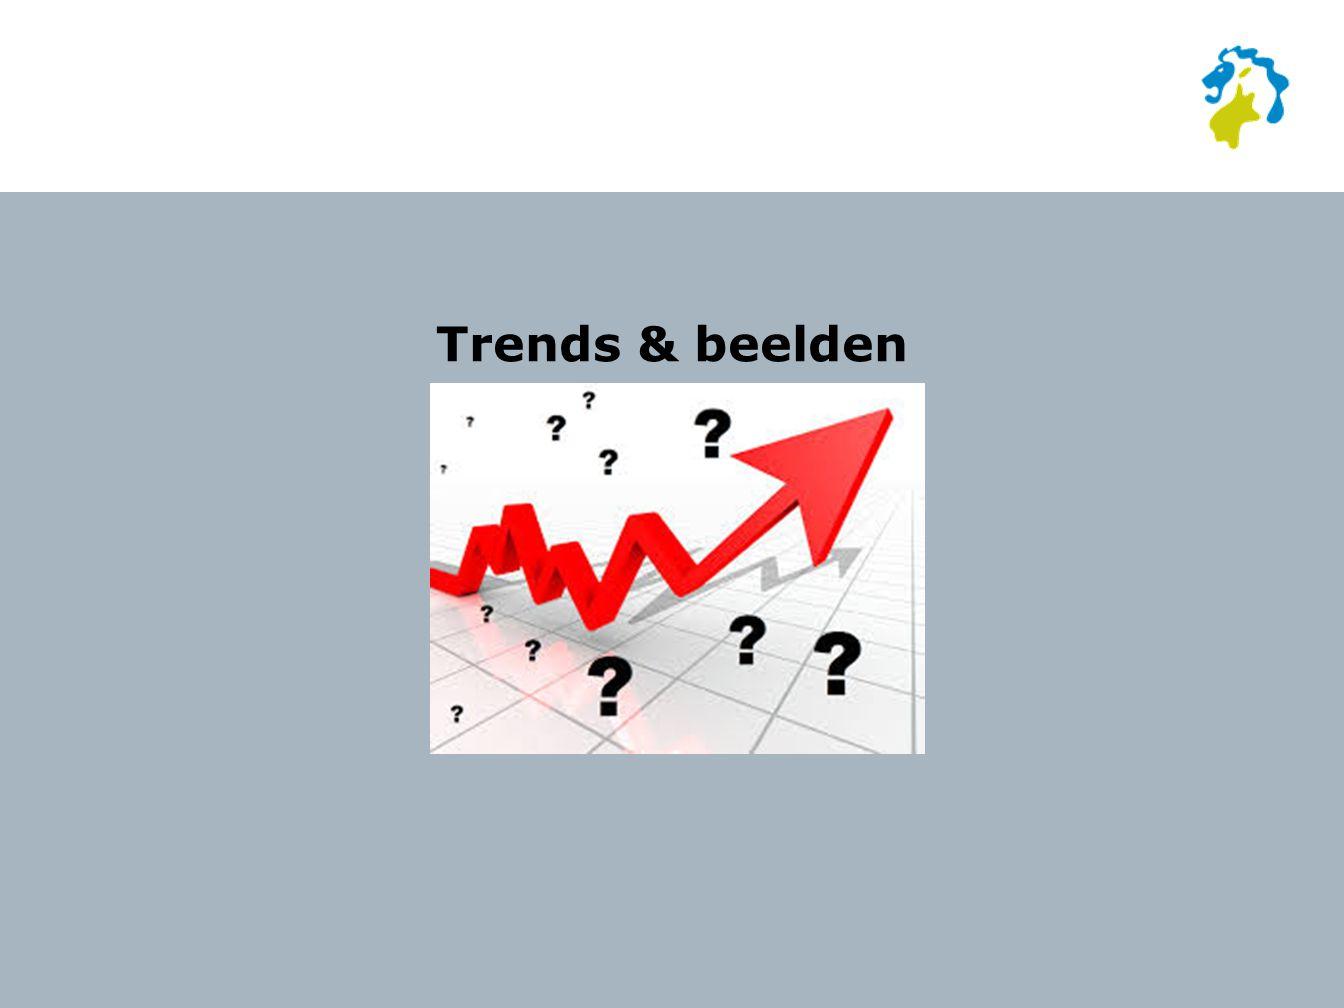 Trends & beelden